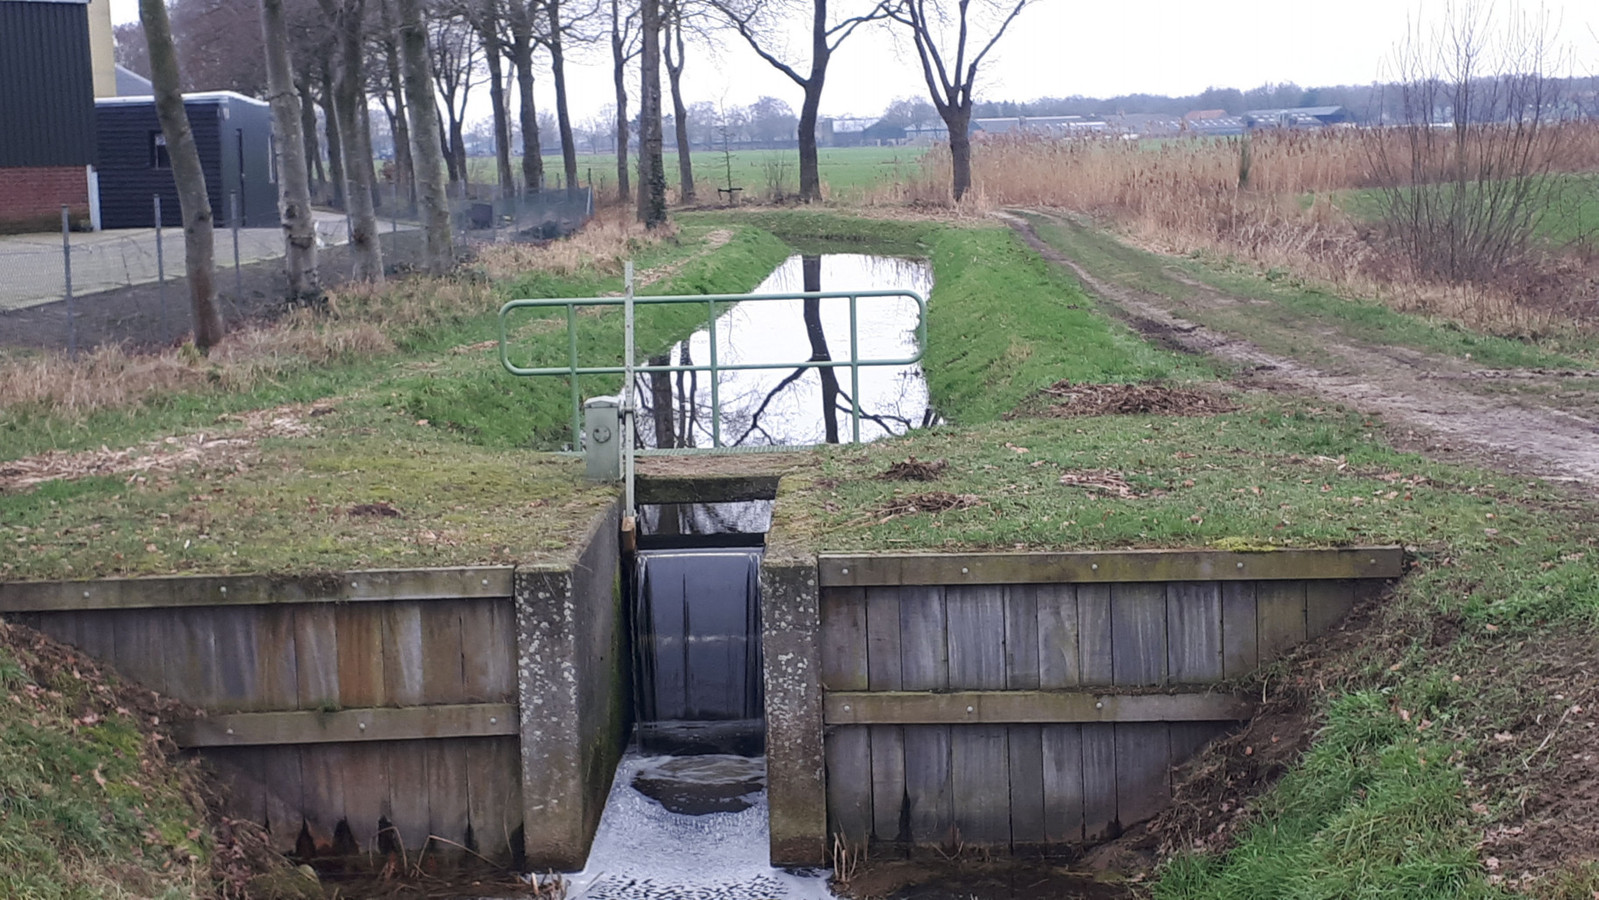 De stuwen stonden afgelopen winter continu hoog om water zo lang mogelijk in het gebied vast te houden.